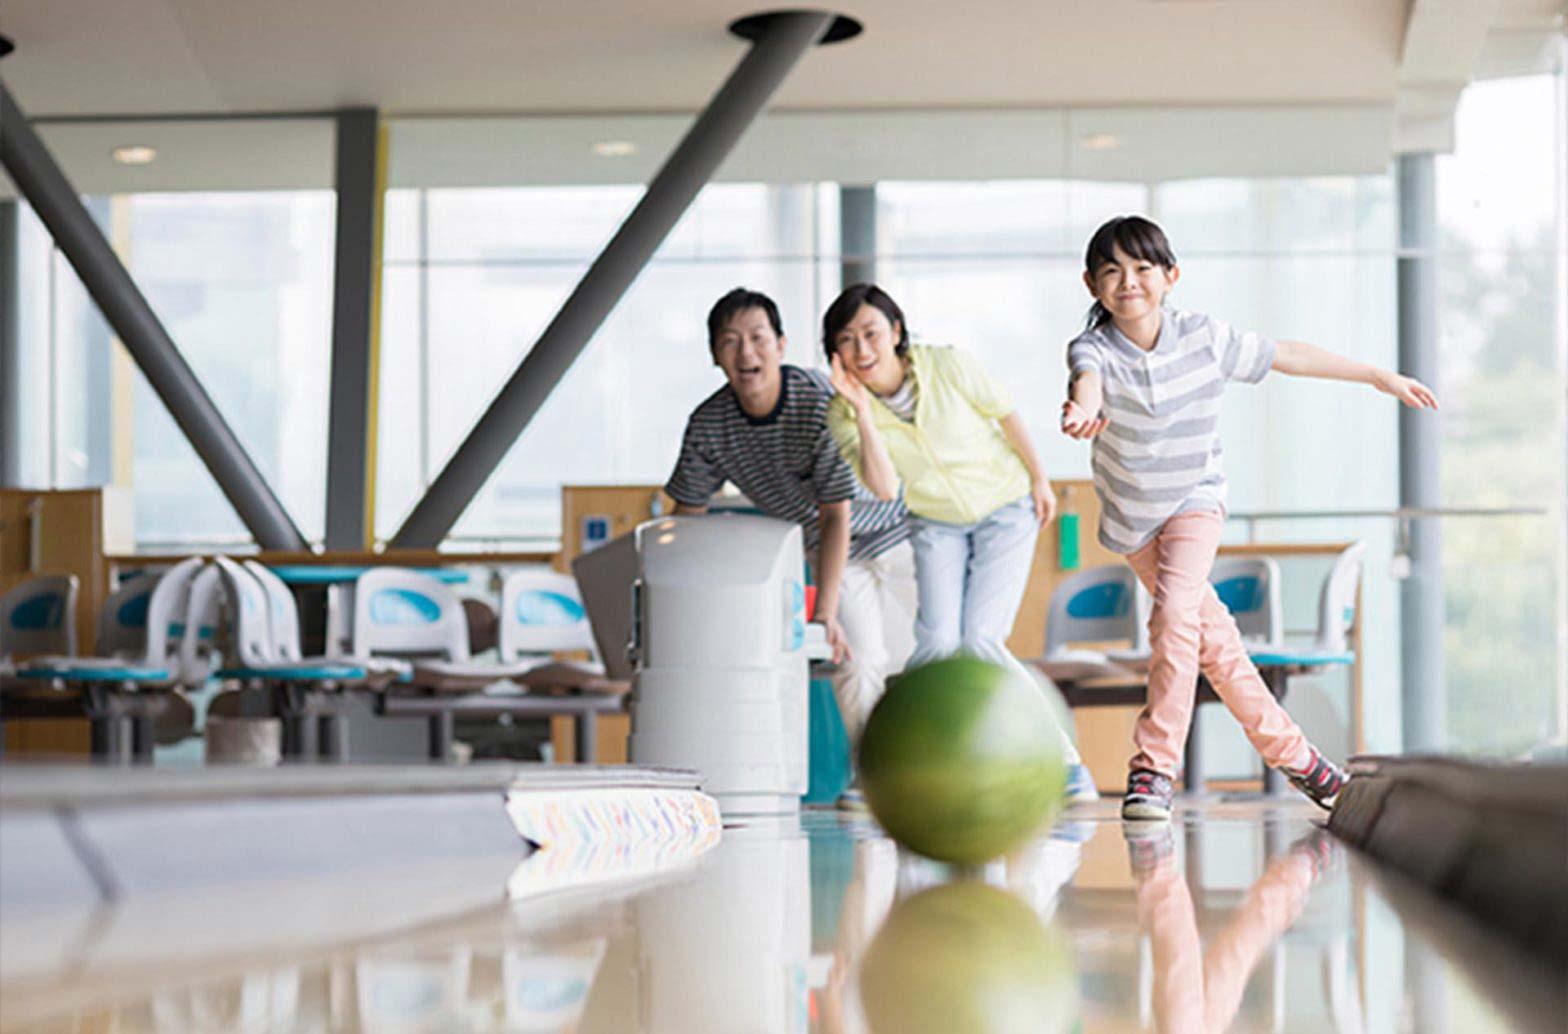 Karuizawa Prince Bowling Alley